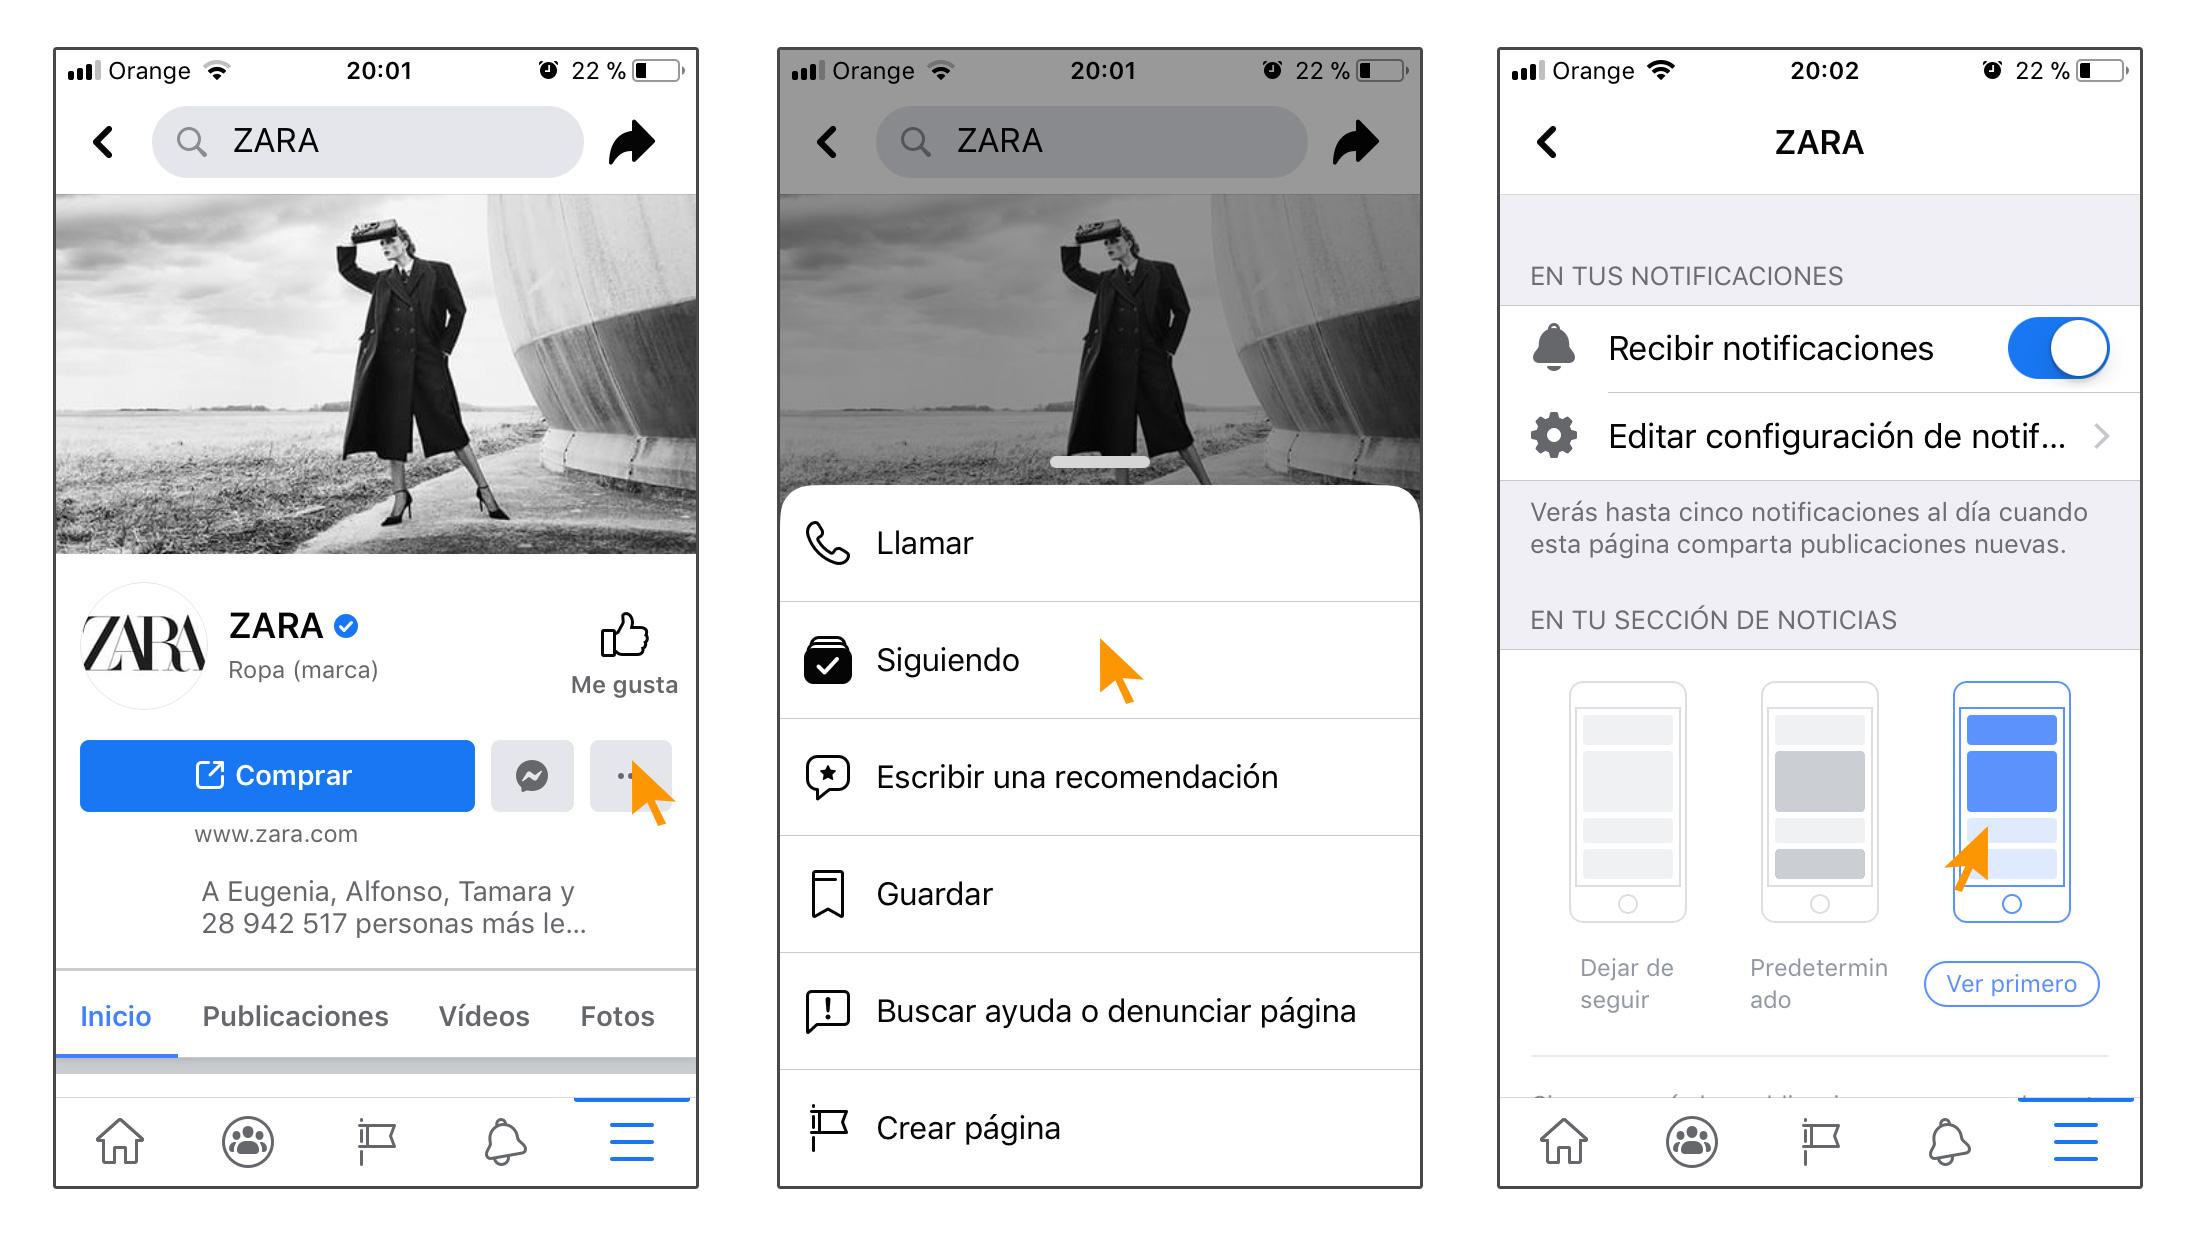 crece-alcance-organico-facebook-fmb-agencia-digital-2020-mexico